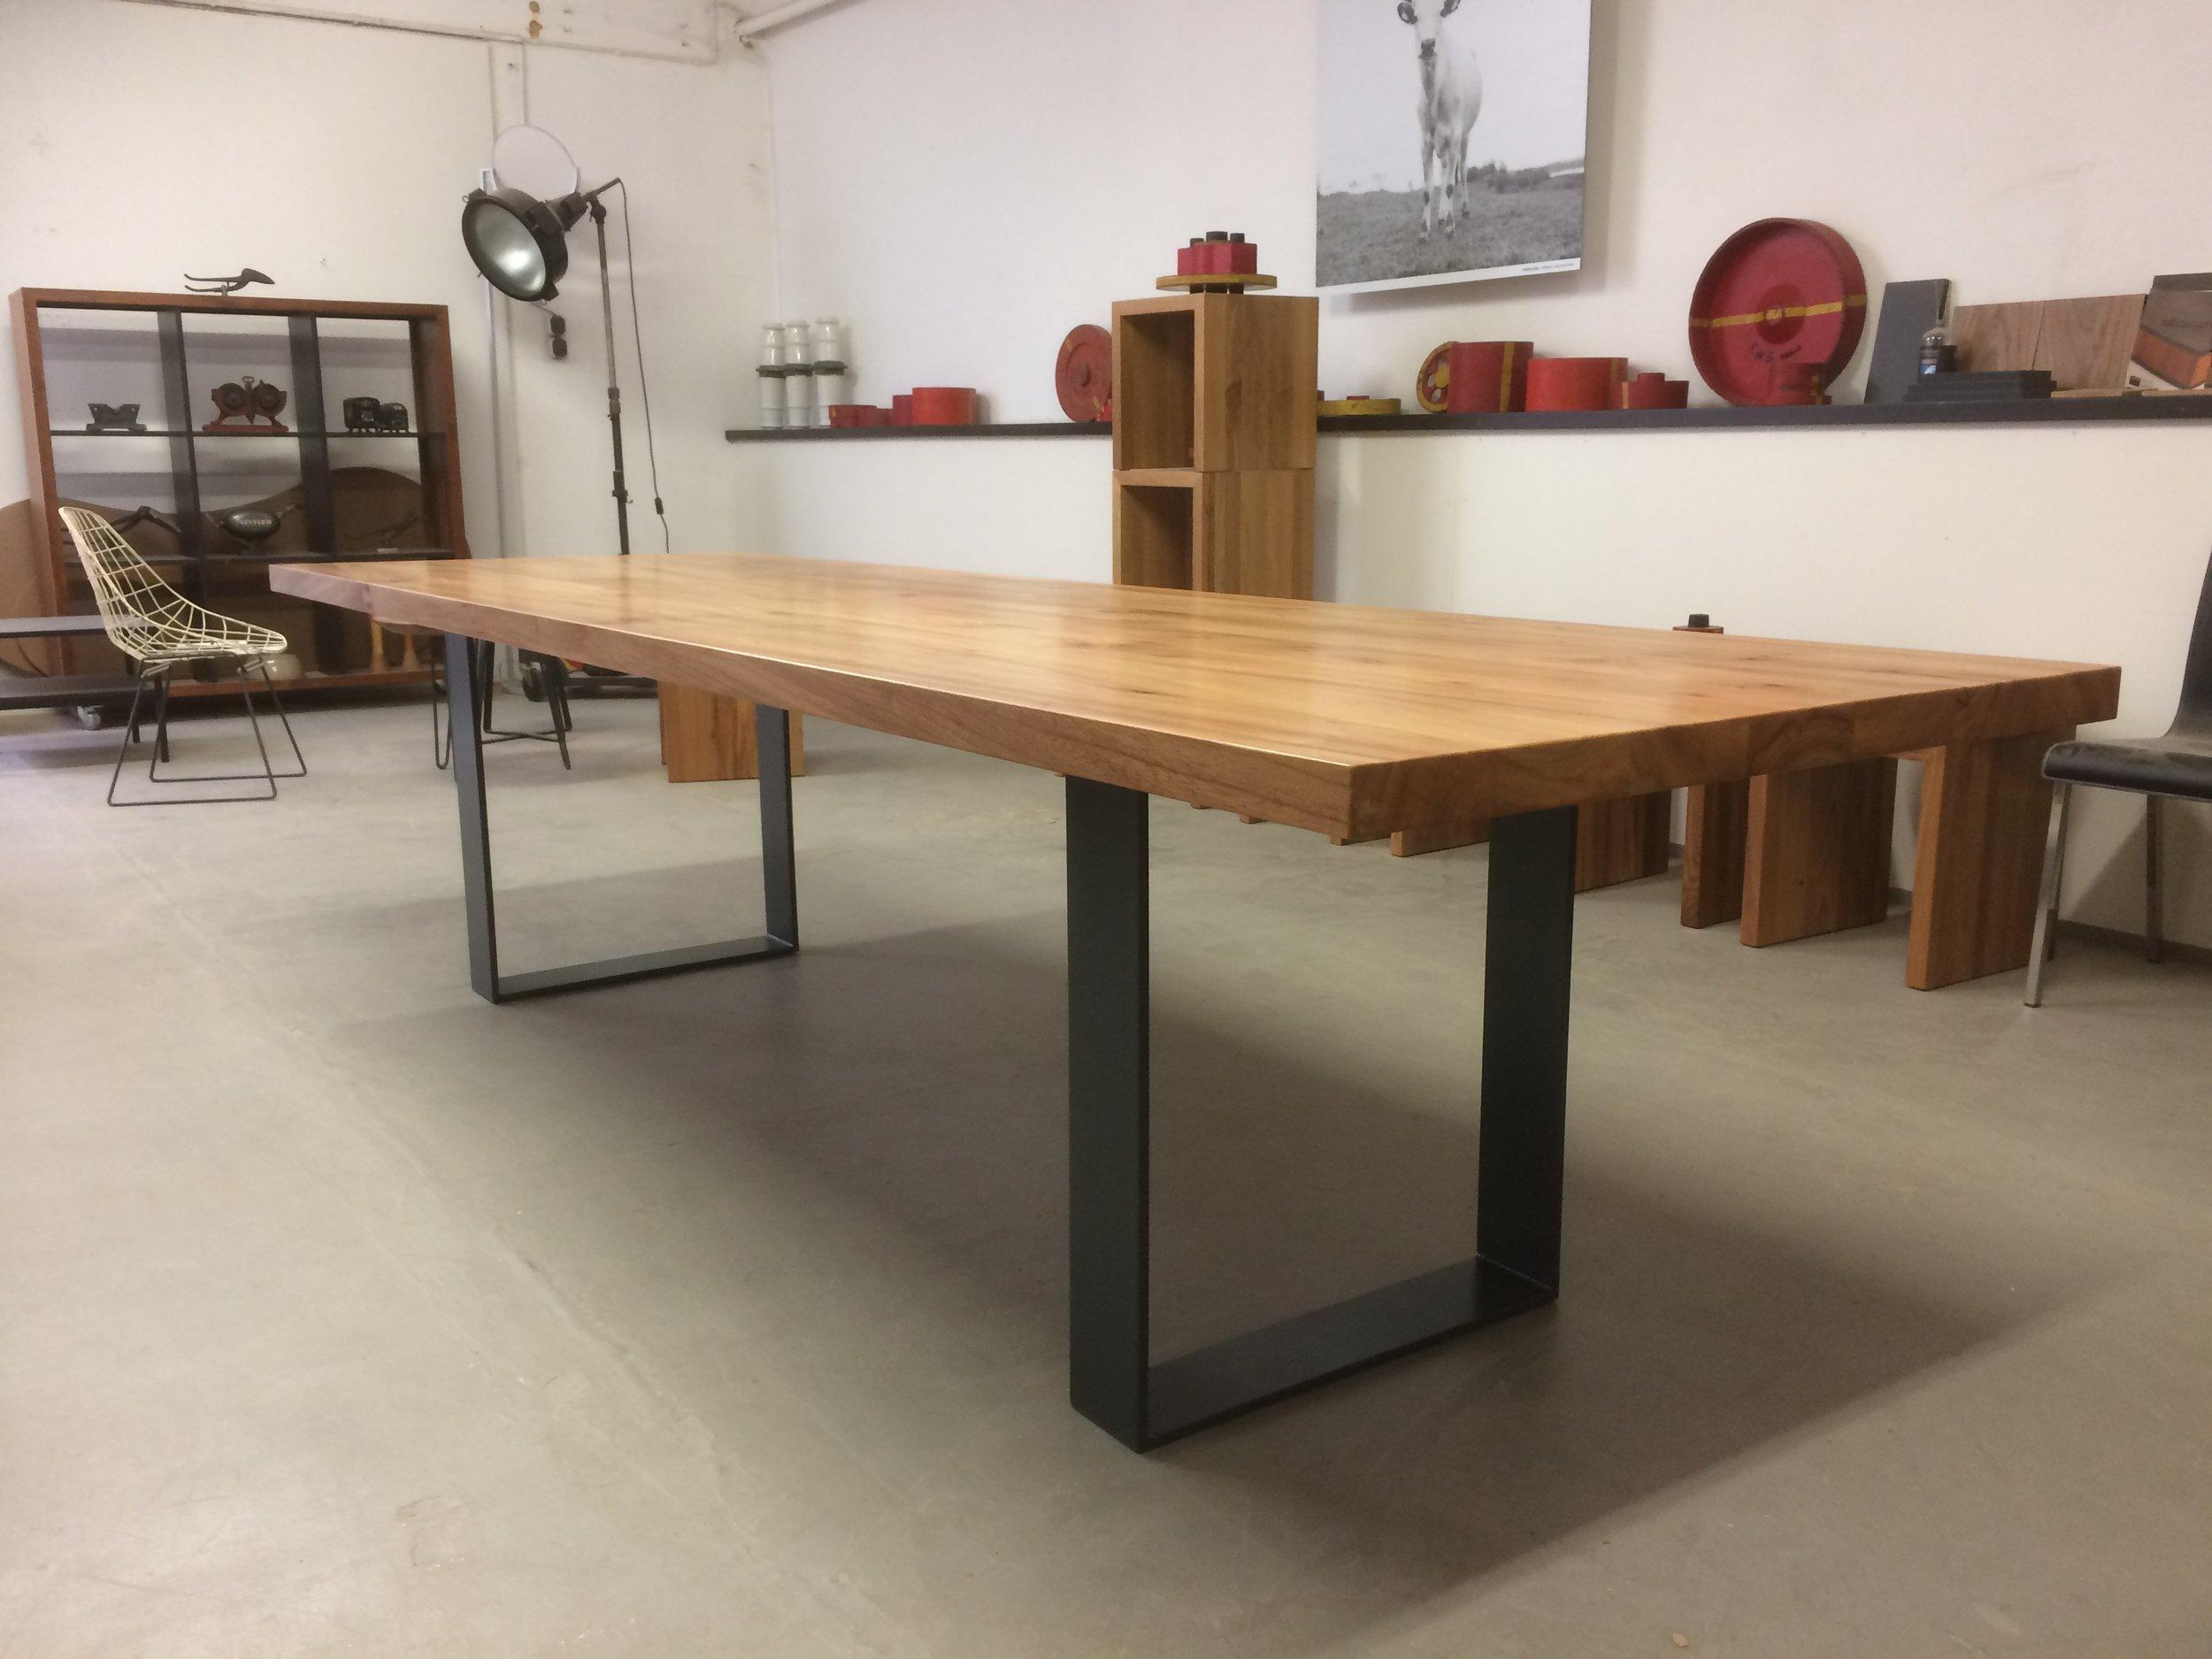 3 Meter Kufentisch Oscar aus Rüster und Stahl